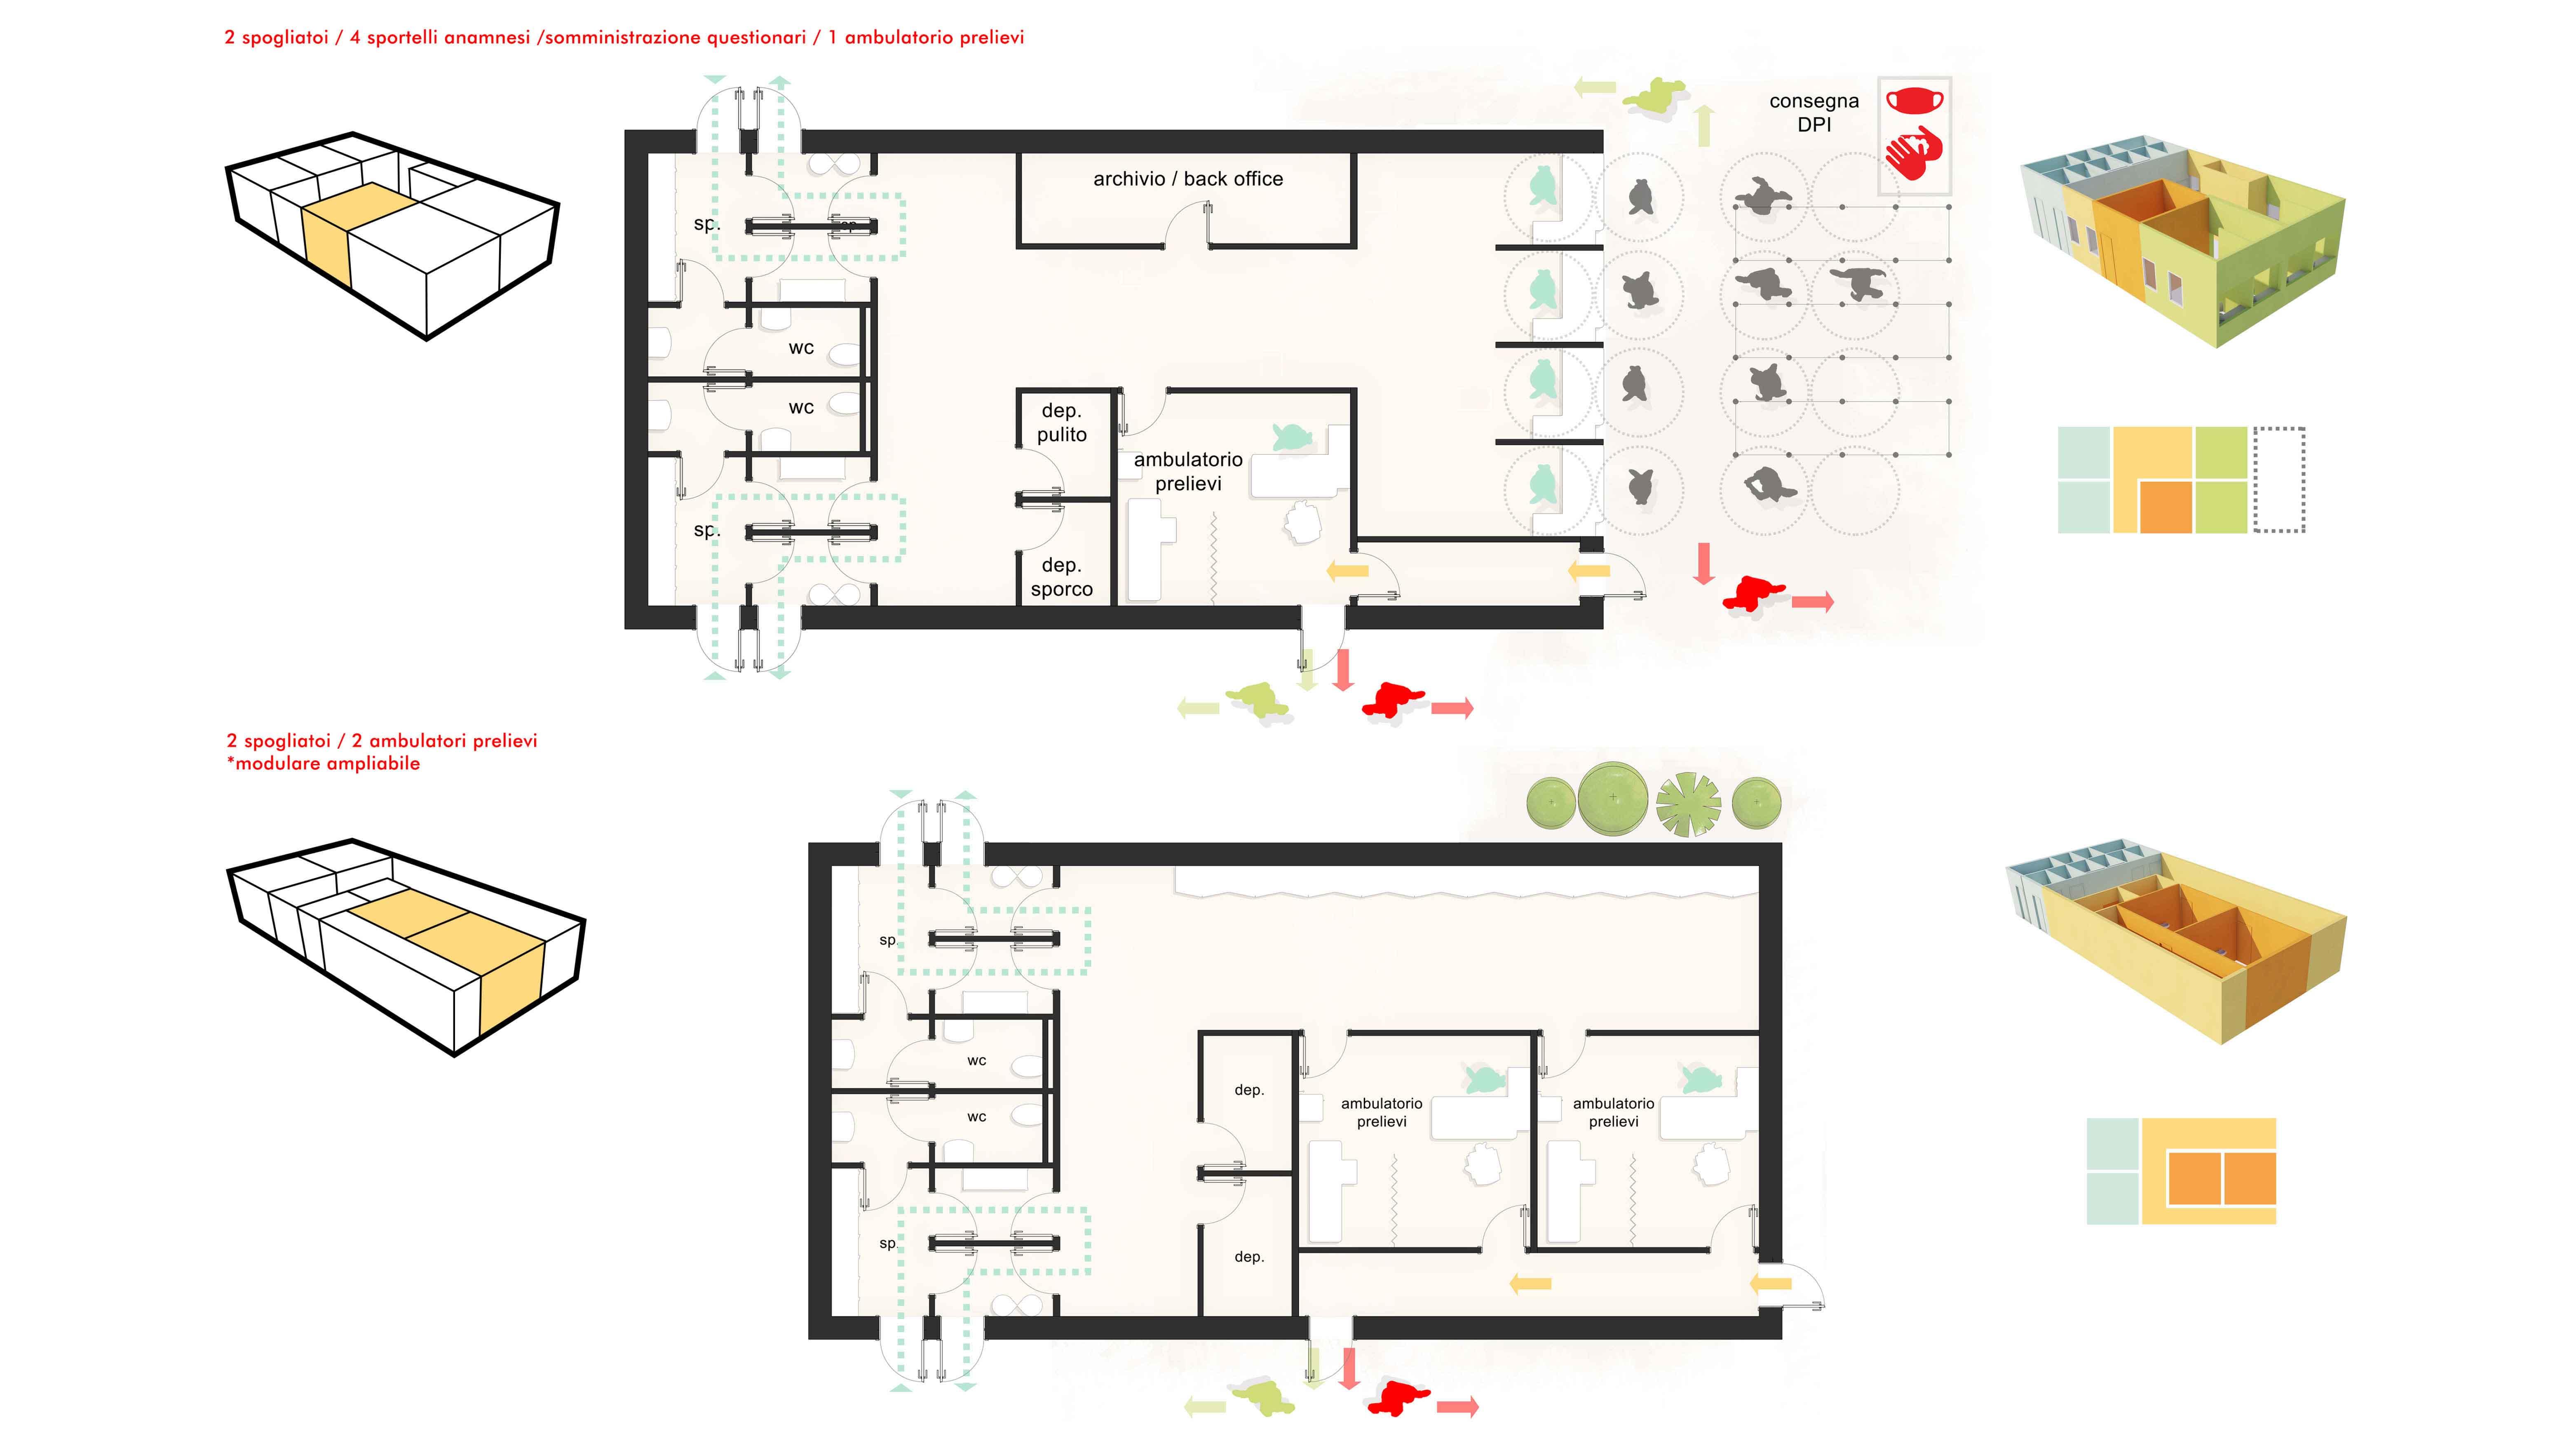 uSafe Lab - Distribuzione modulare: esempi di aggregazione di più elementi modulari Binini Partners - Archilinea}